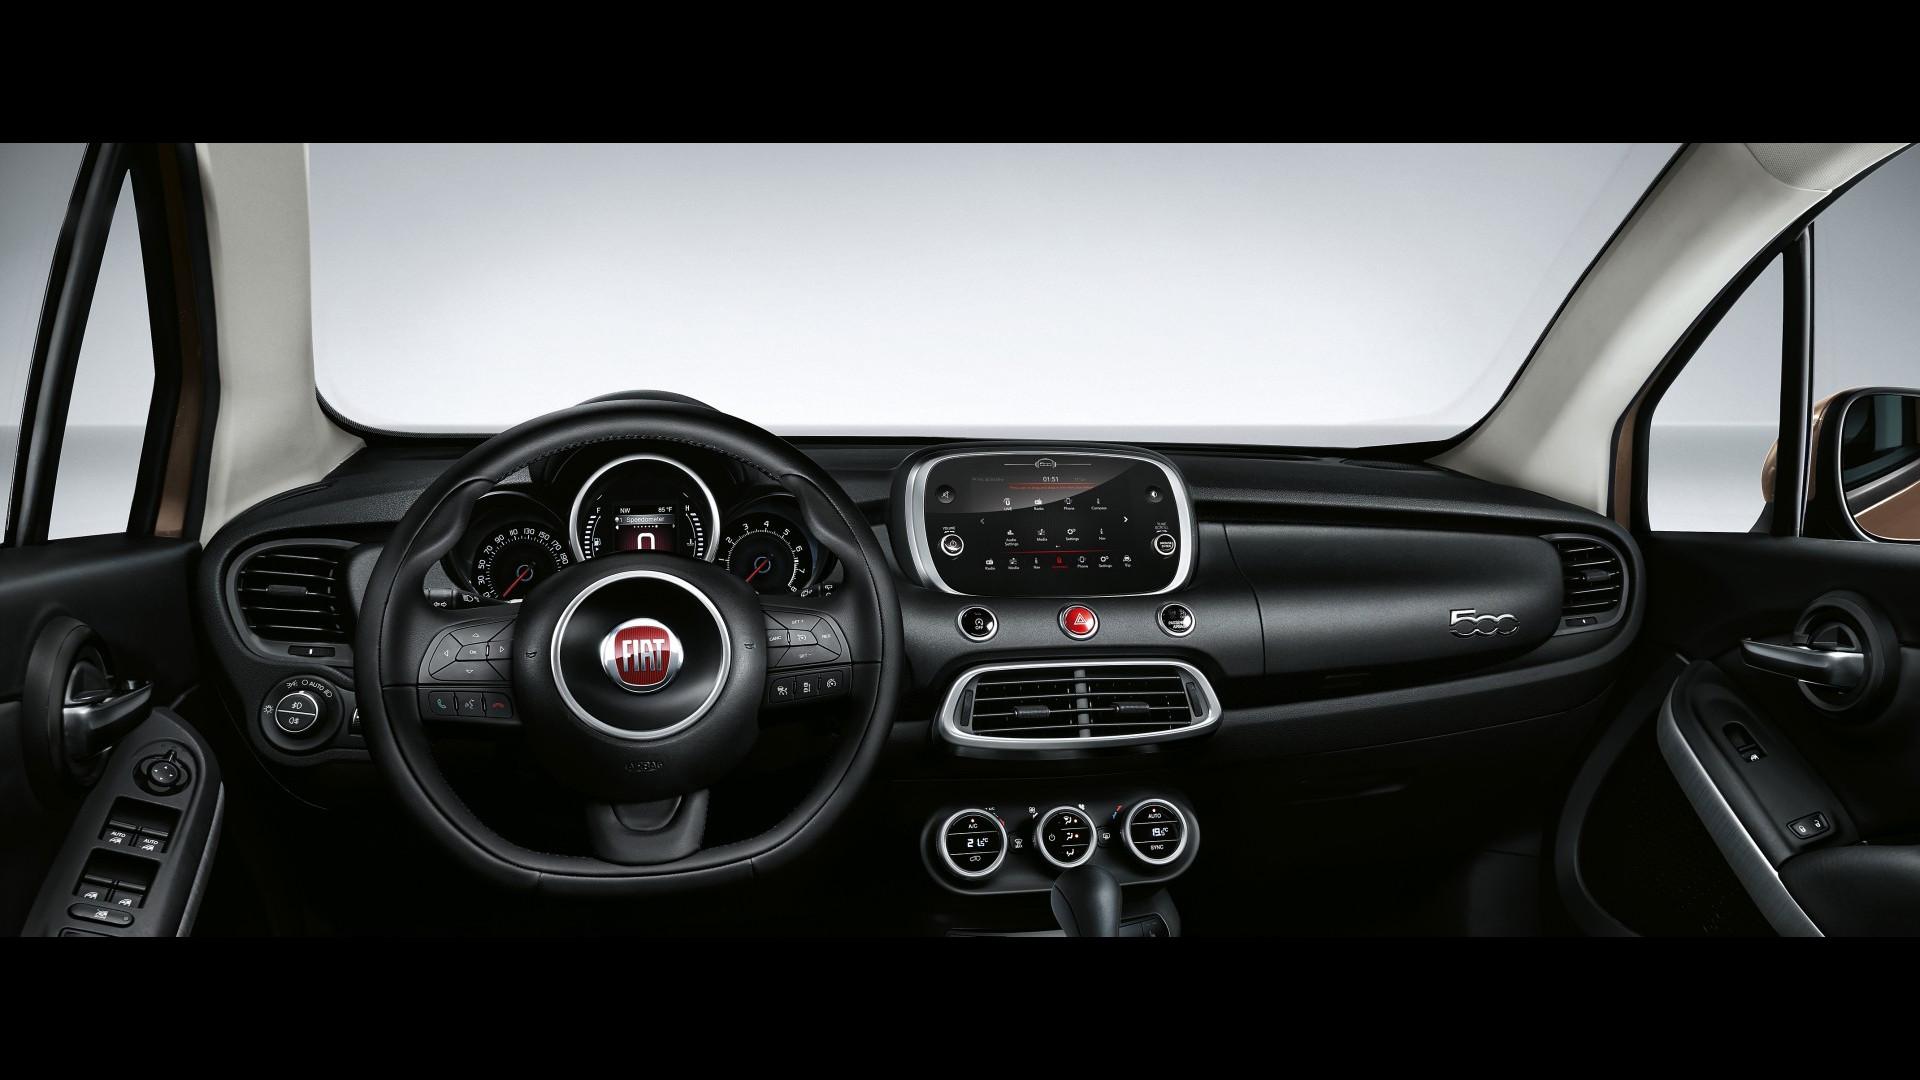 Promozione Fiat 500x Perche Conviene E Perche No